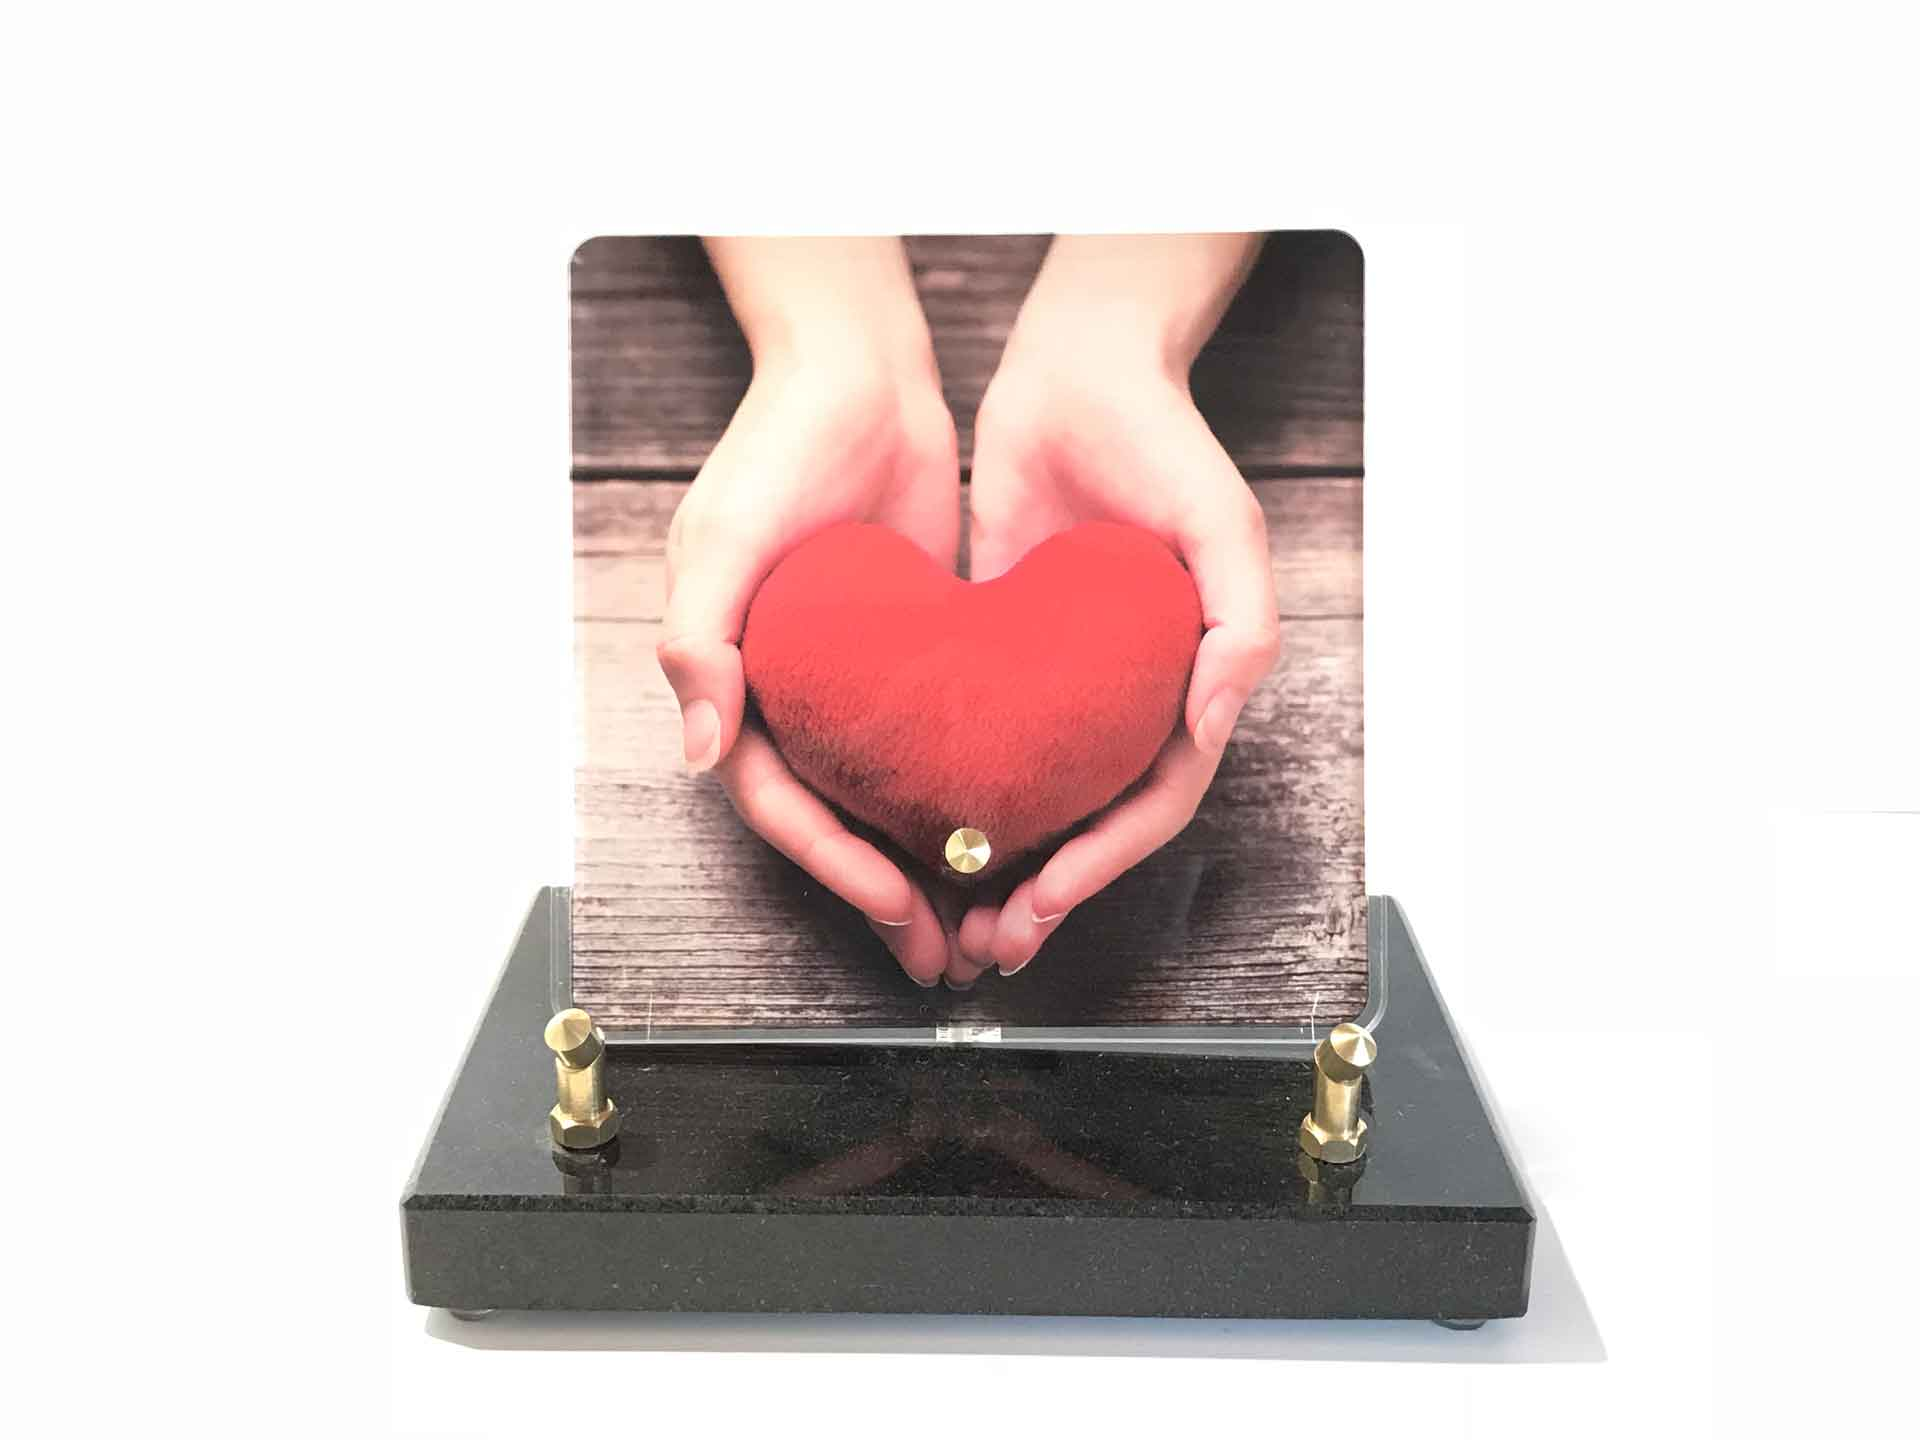 Plaque Altuglas - Modèle n°2 mains tenant un cœur